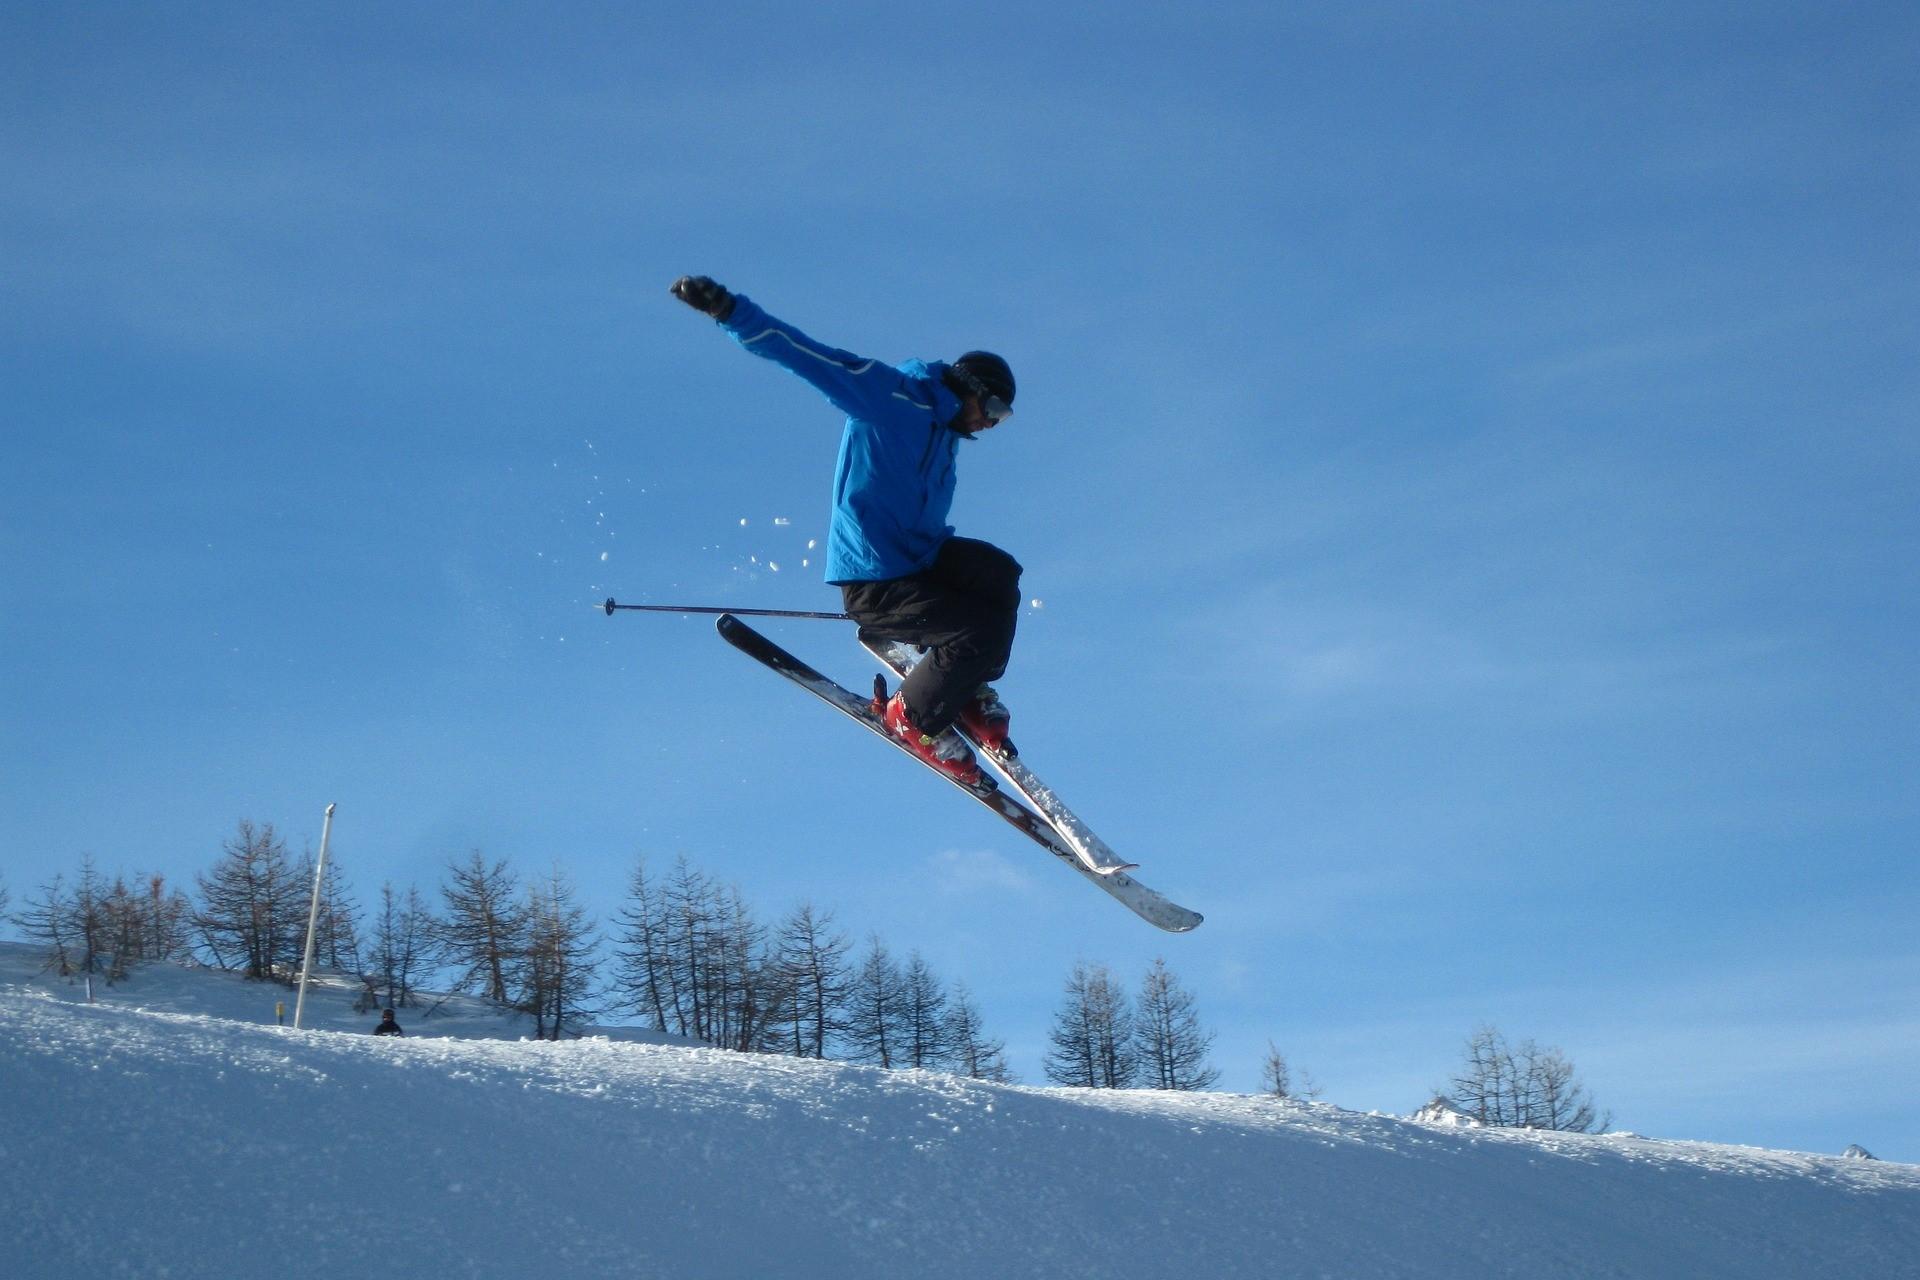 Kann man skifahren online lernen videokurse zu wintersportarten